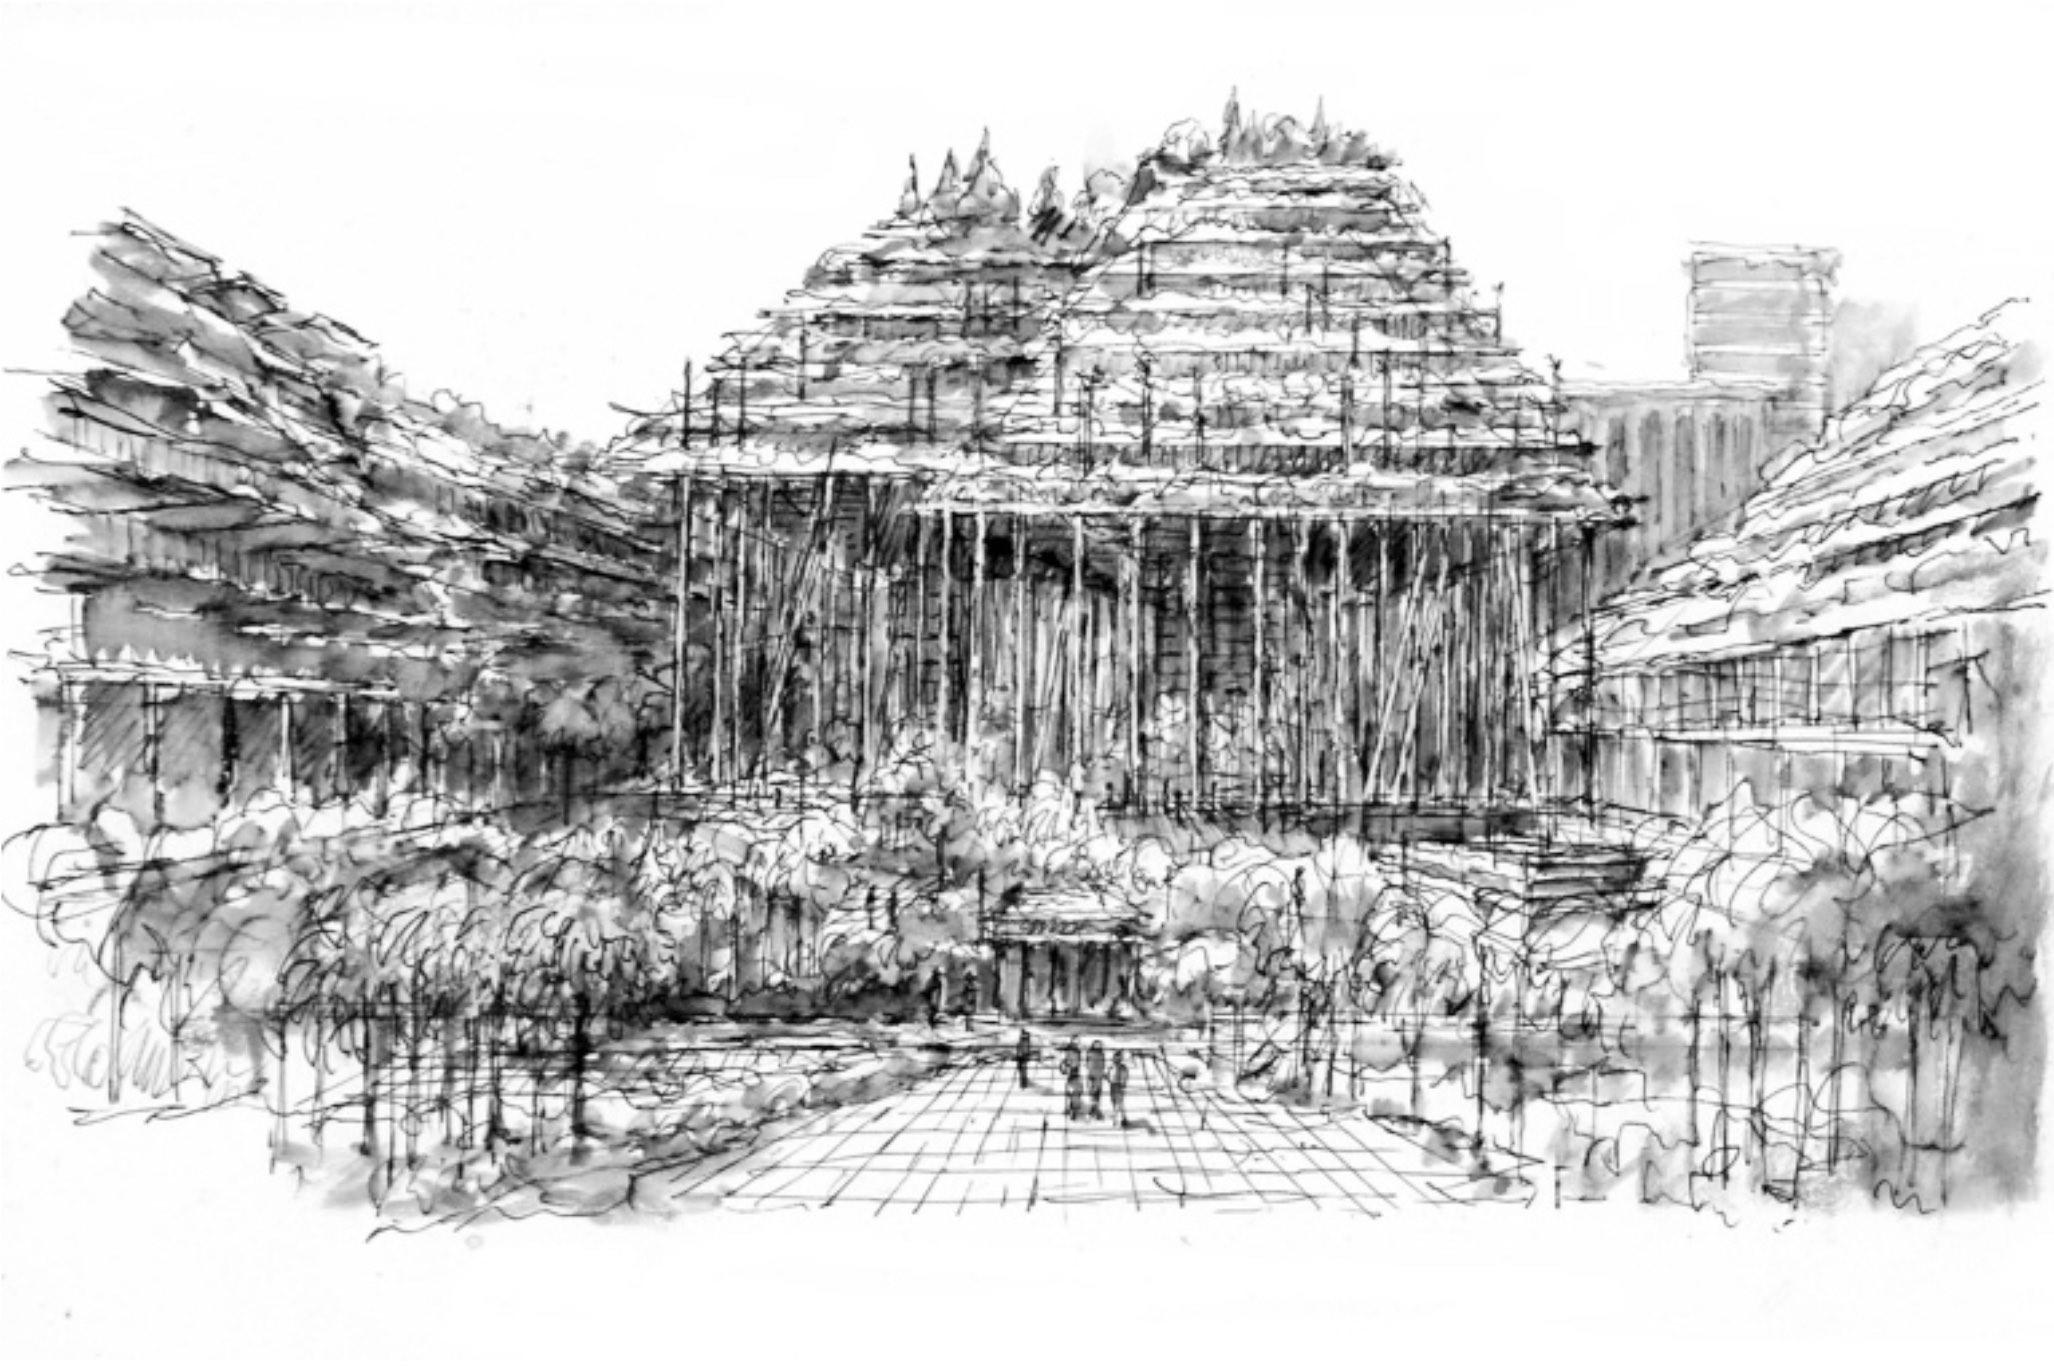 nella foto si vede un edificio disegnato a inchiostro nero con molti alberi davanti